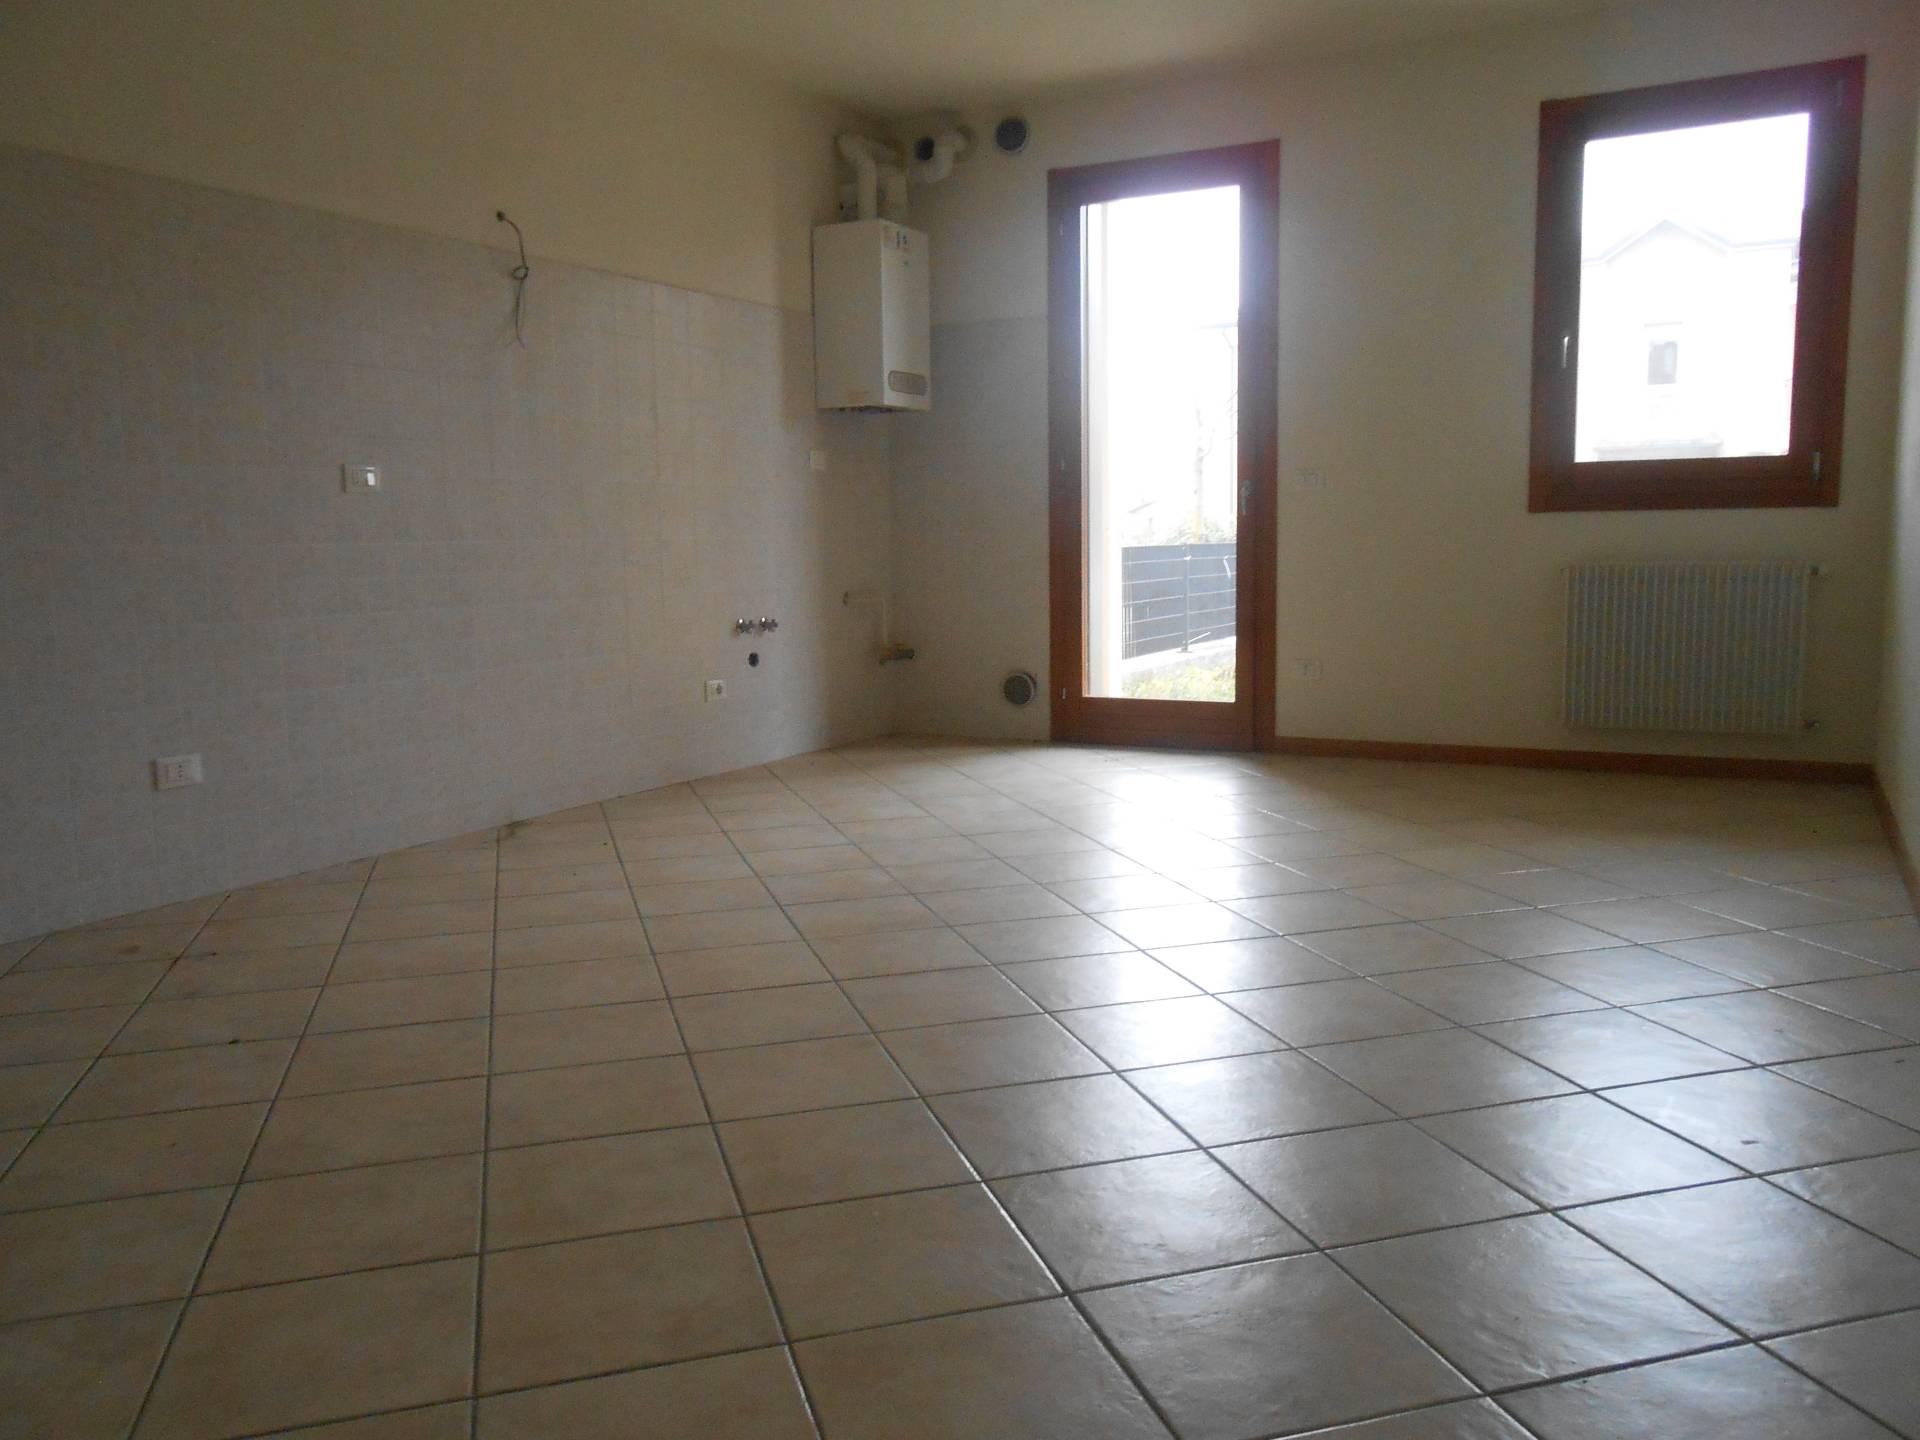 Appartamento in vendita a Mareno di Piave, 6 locali, zona Zona: Ramera, prezzo € 125.000 | Cambio Casa.it